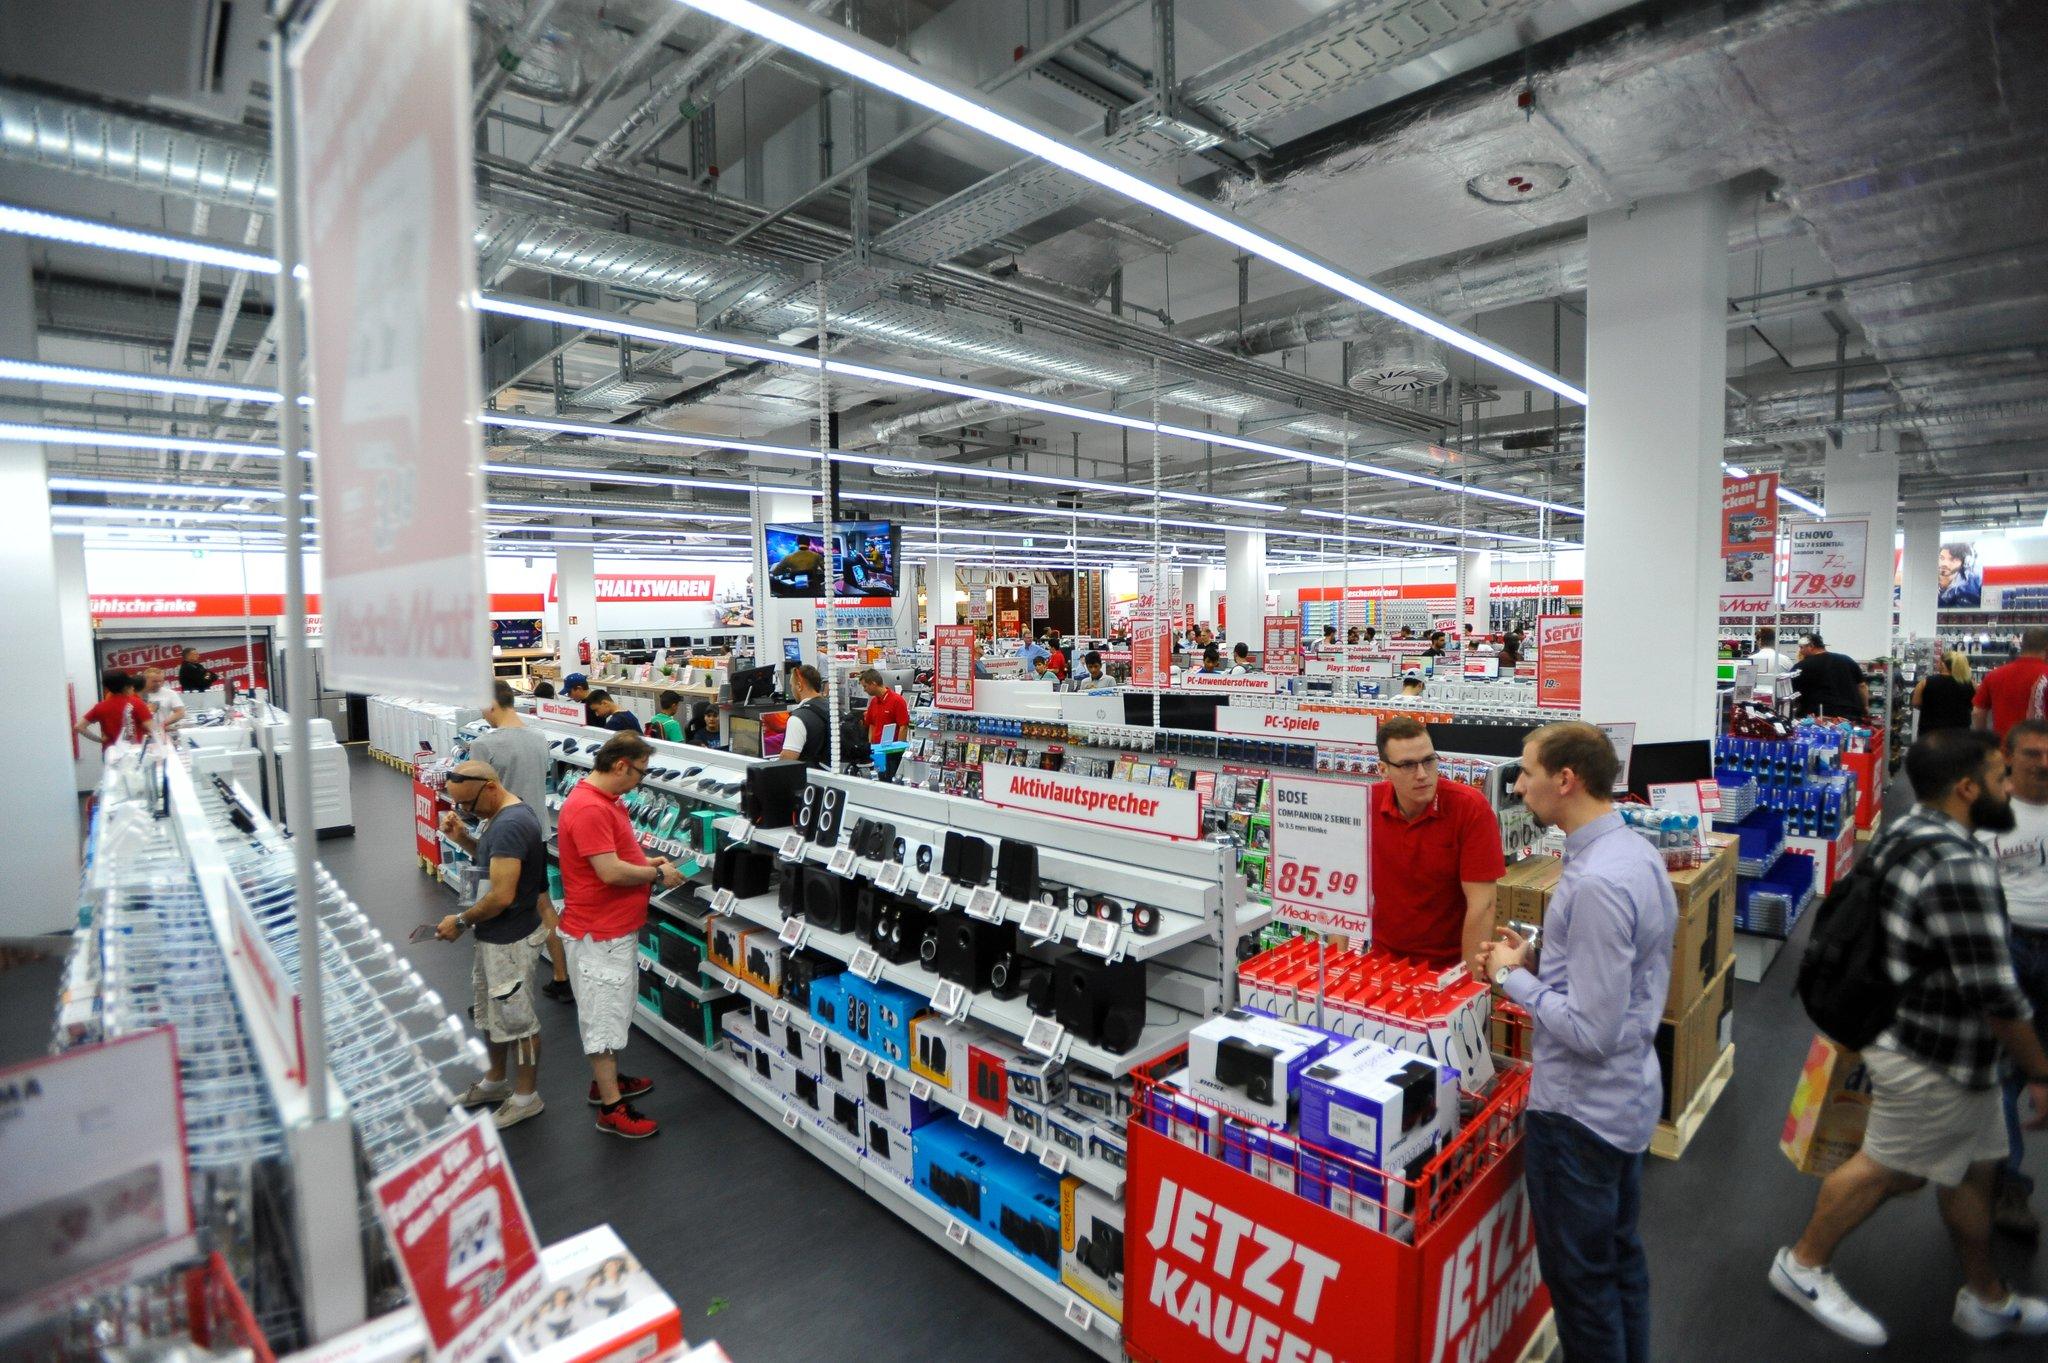 Auto Kühlschrank Media Markt : Neuer standort in moabit: mediamarkt eröffnete am 16. august neuen